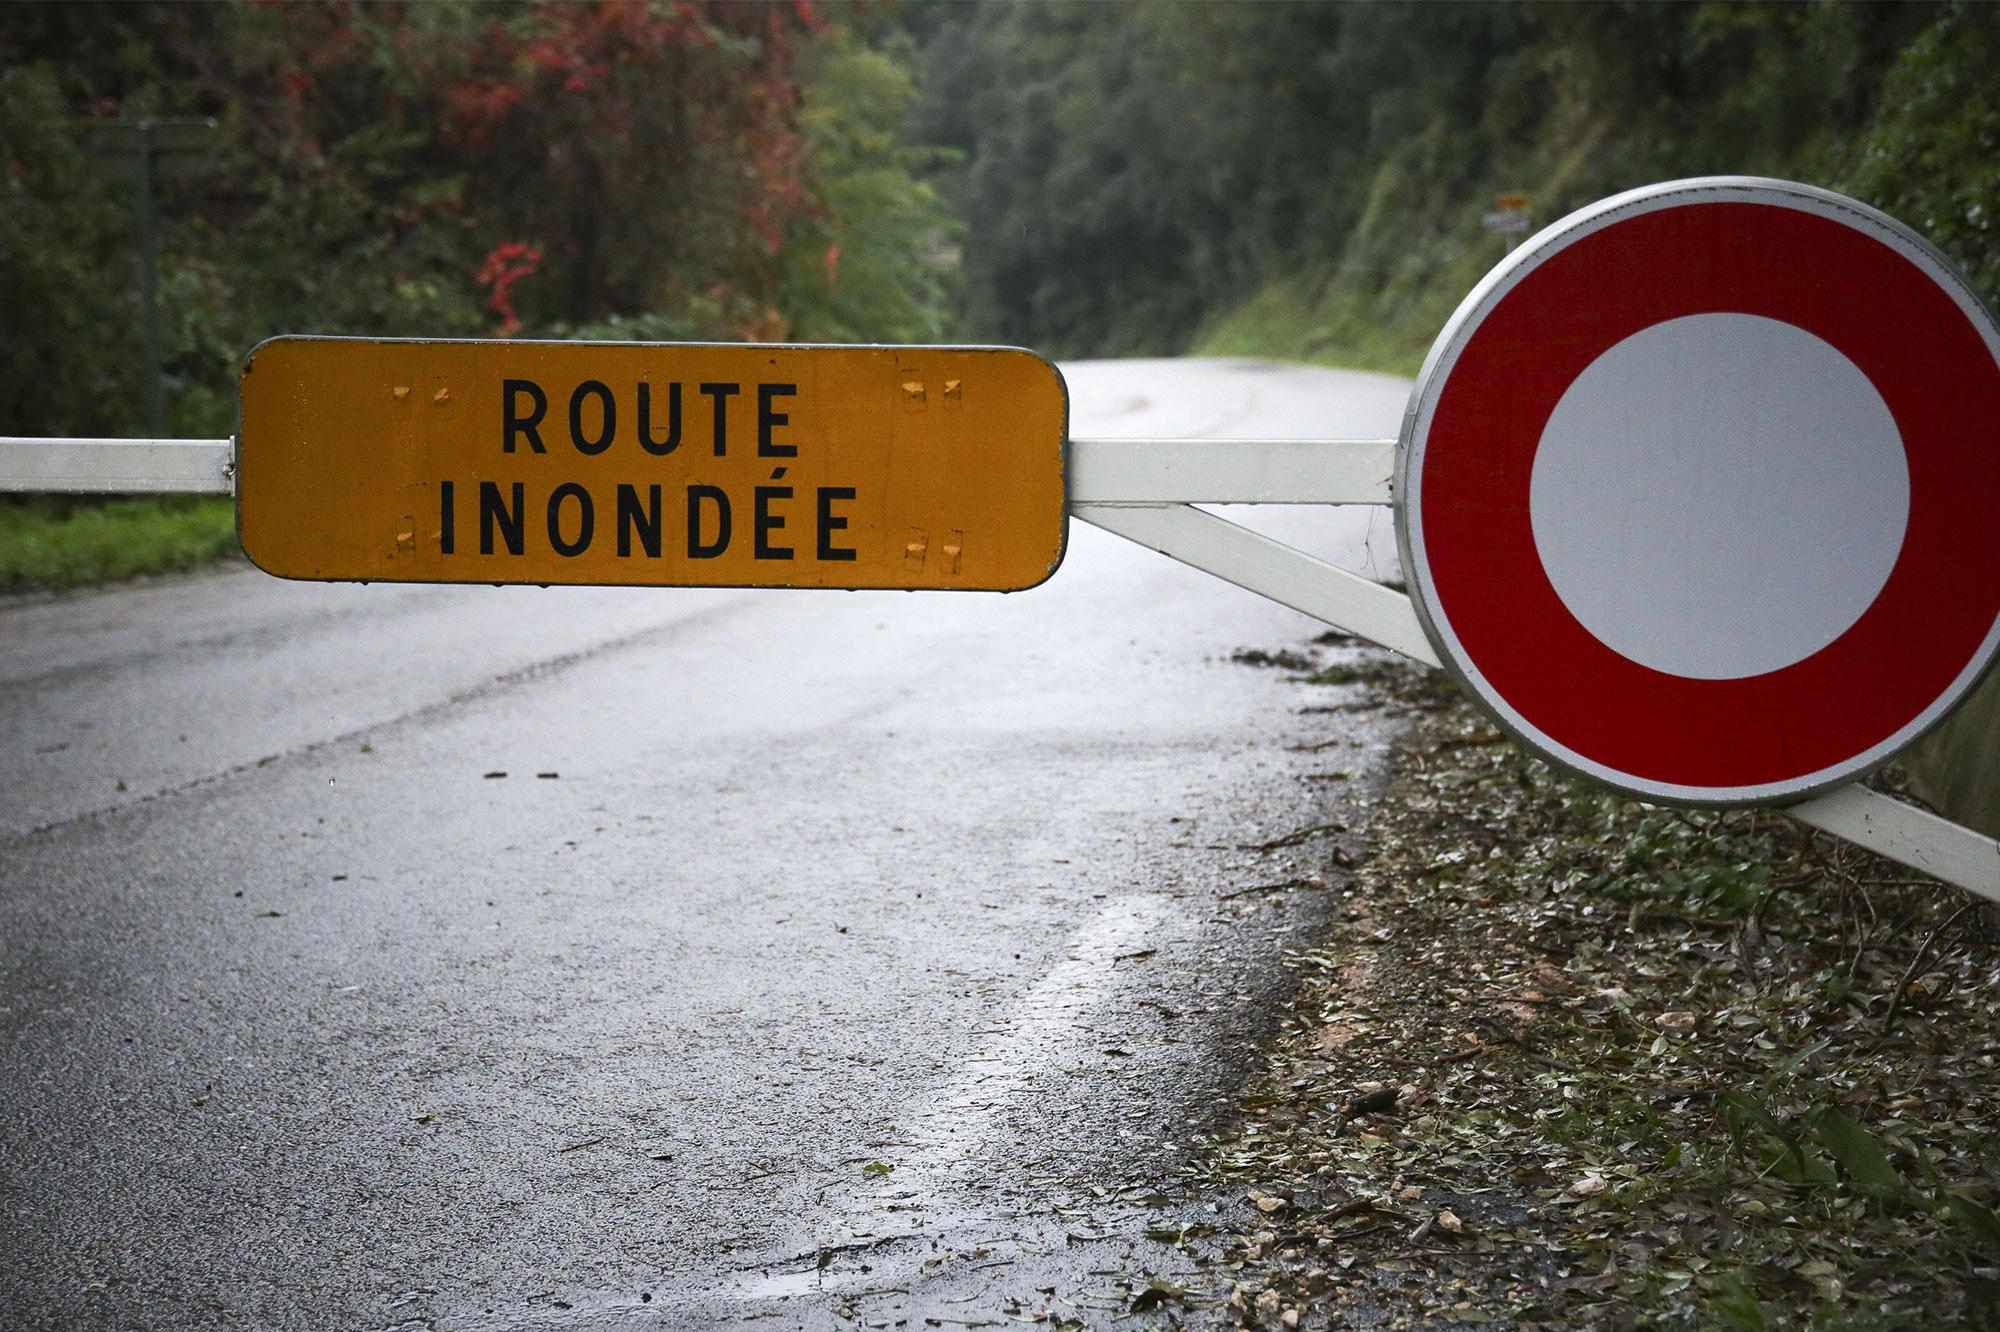 Les intempéries font cinq morts dans le sud - Paris Match